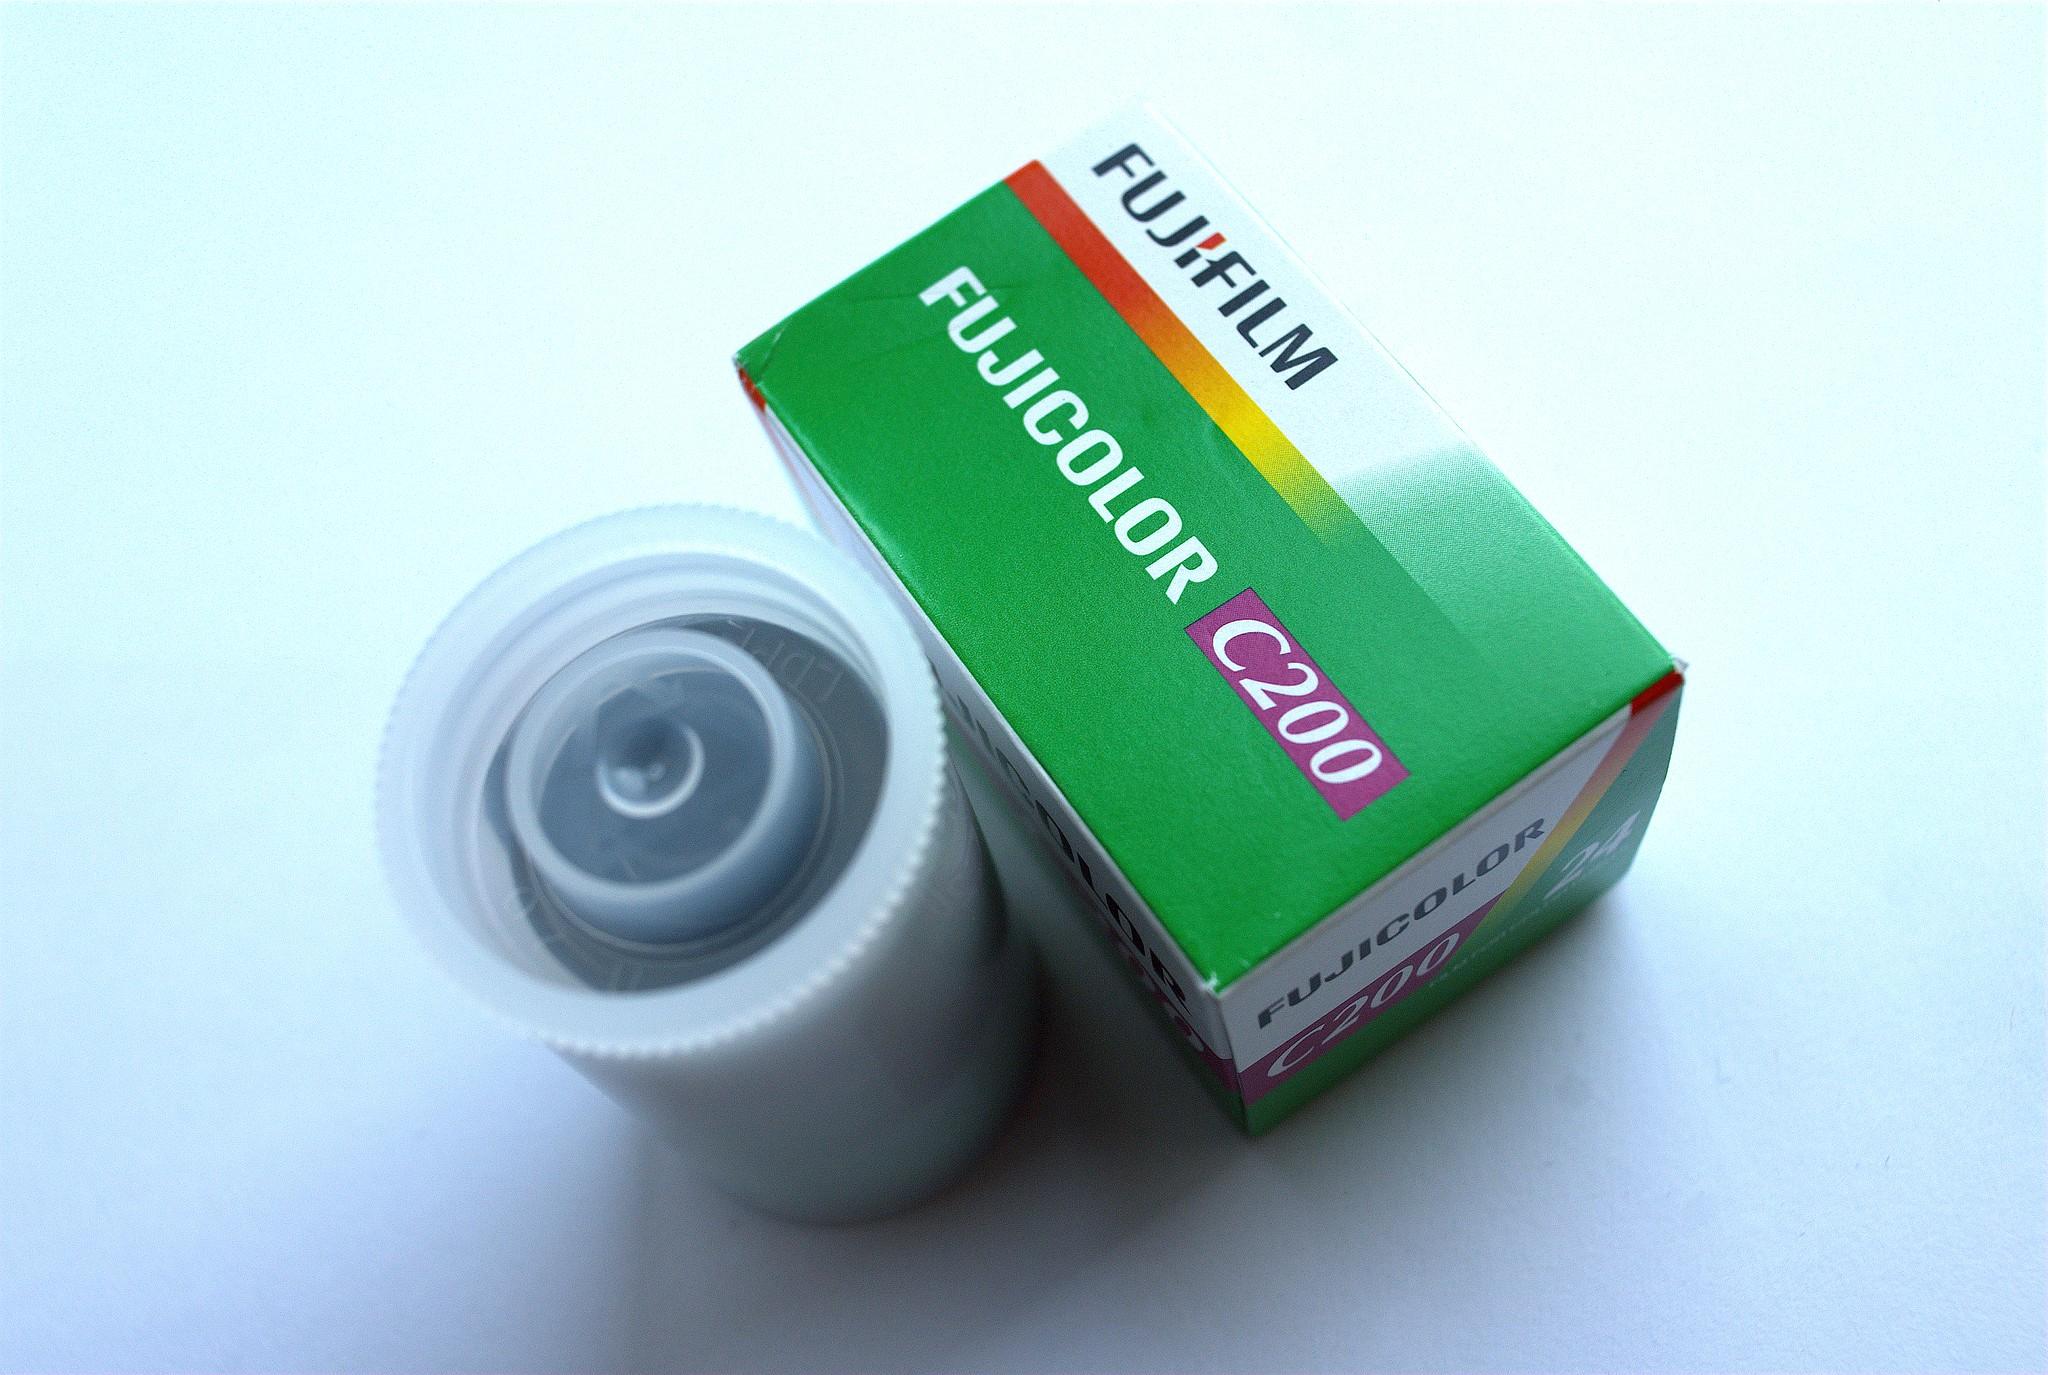 Fujicolor C200 (Pic: Matthew Benton/Flickr)